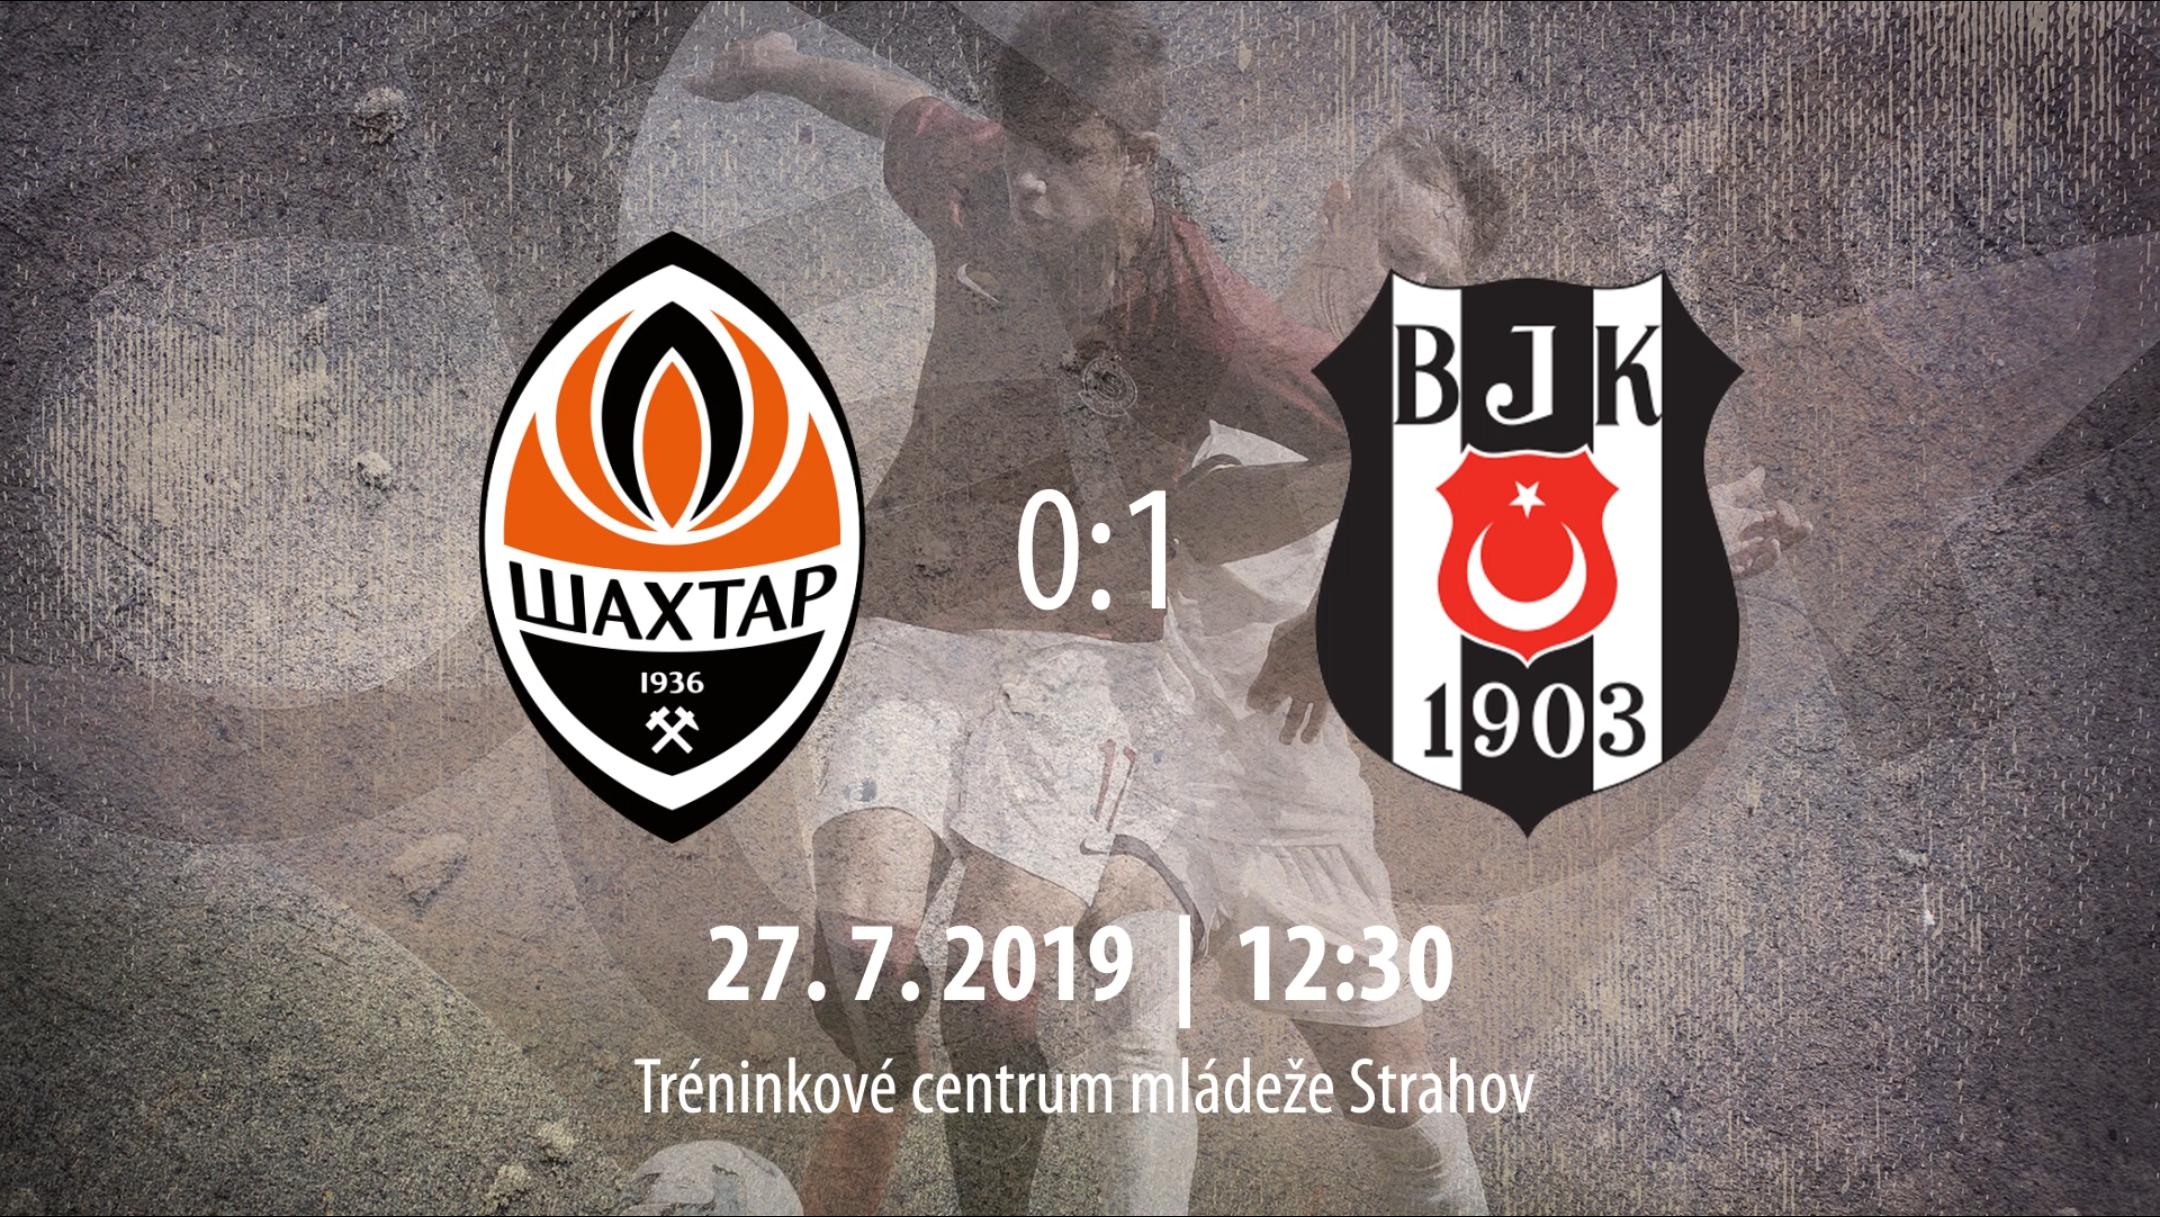 [HIGHLIGHTS] CEE Cup 2019: FC Shakhtar Donetsk vs Beşiktaş JK 0-1